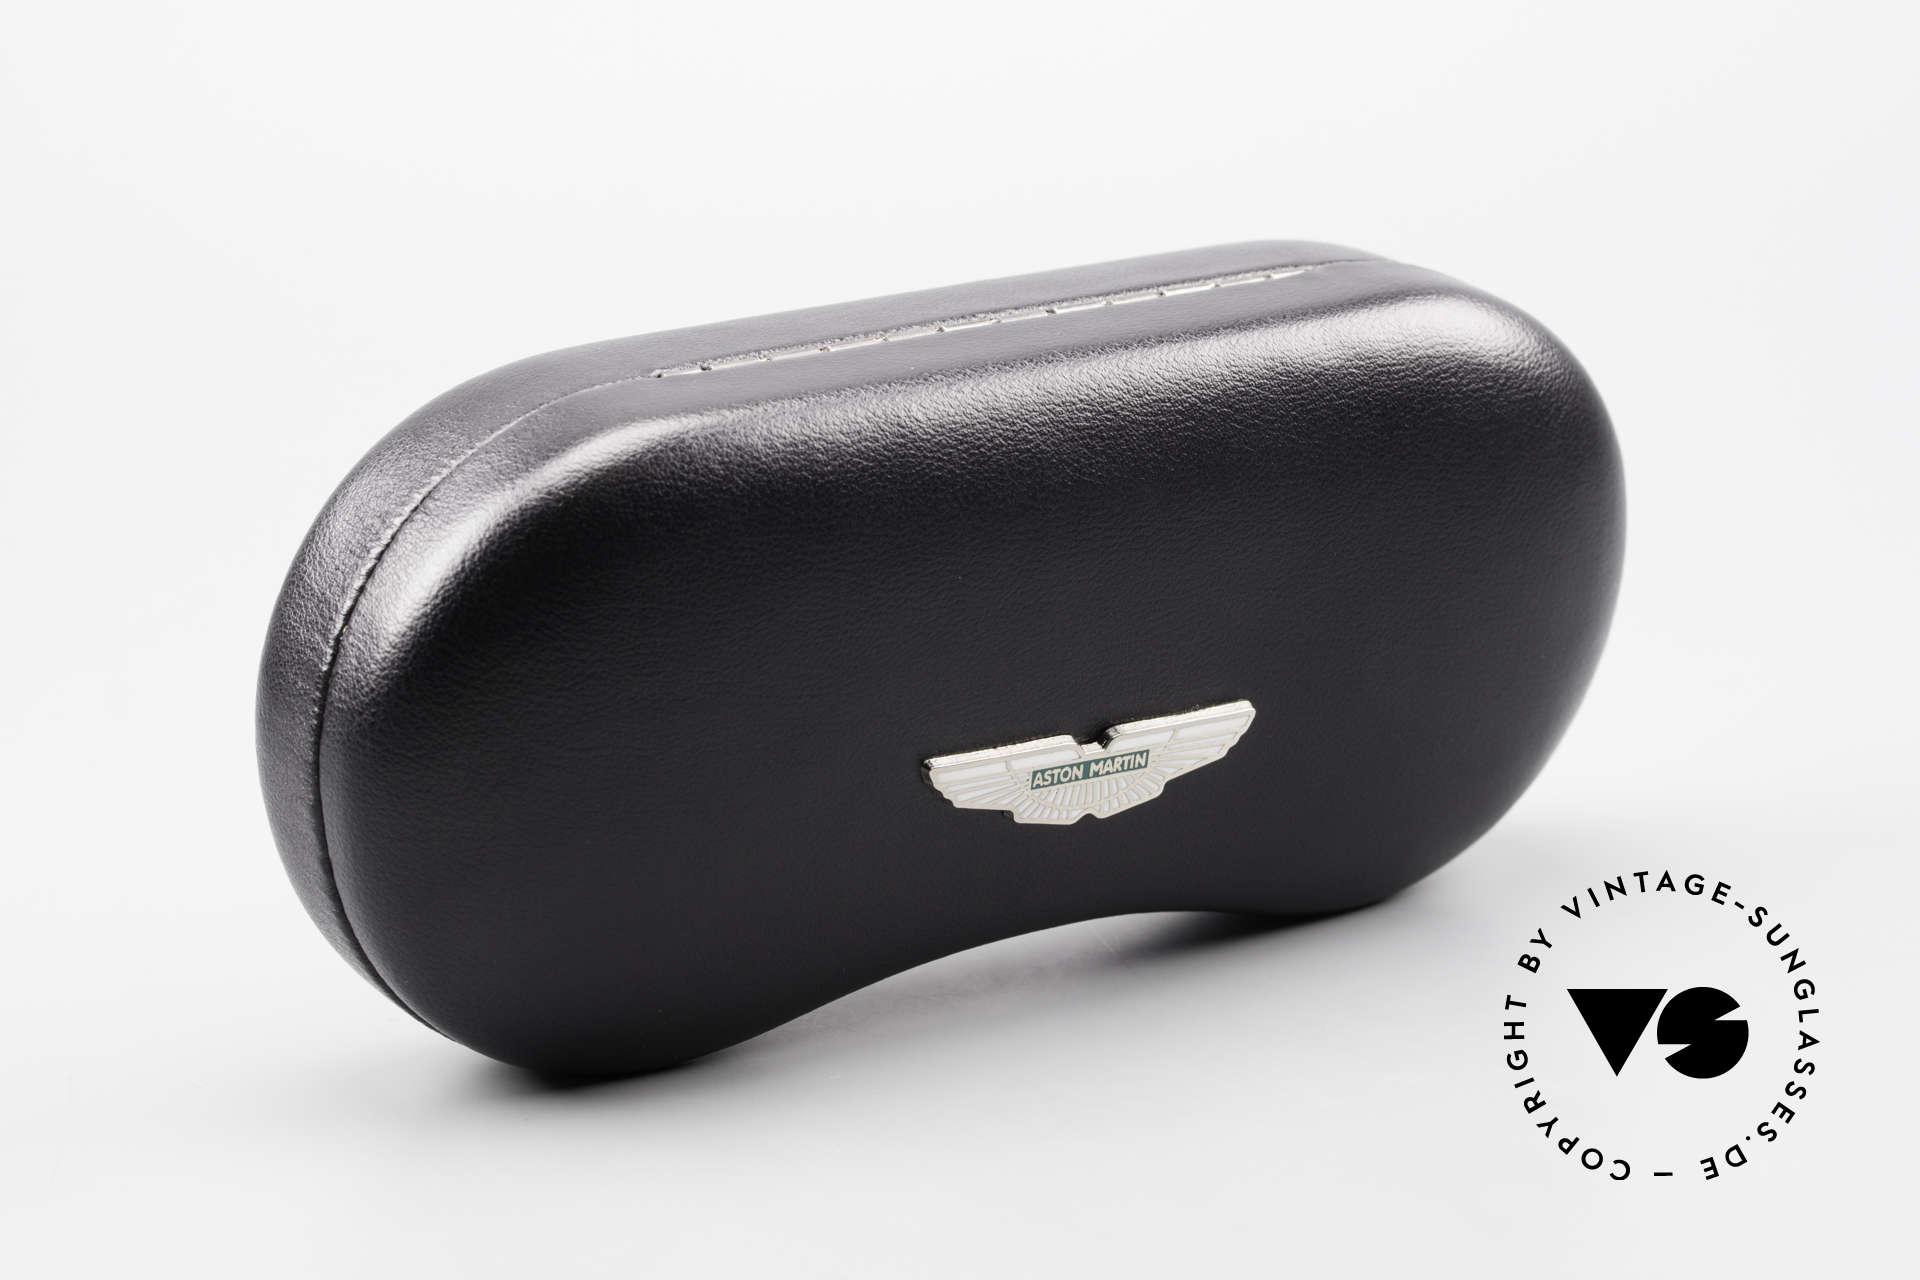 Aston Martin AM13 Ovale Brille James Bond Style, ungetragenes Einzelstück in Gr. 52-17 (inkl. orig. Etui), Passend für Herren